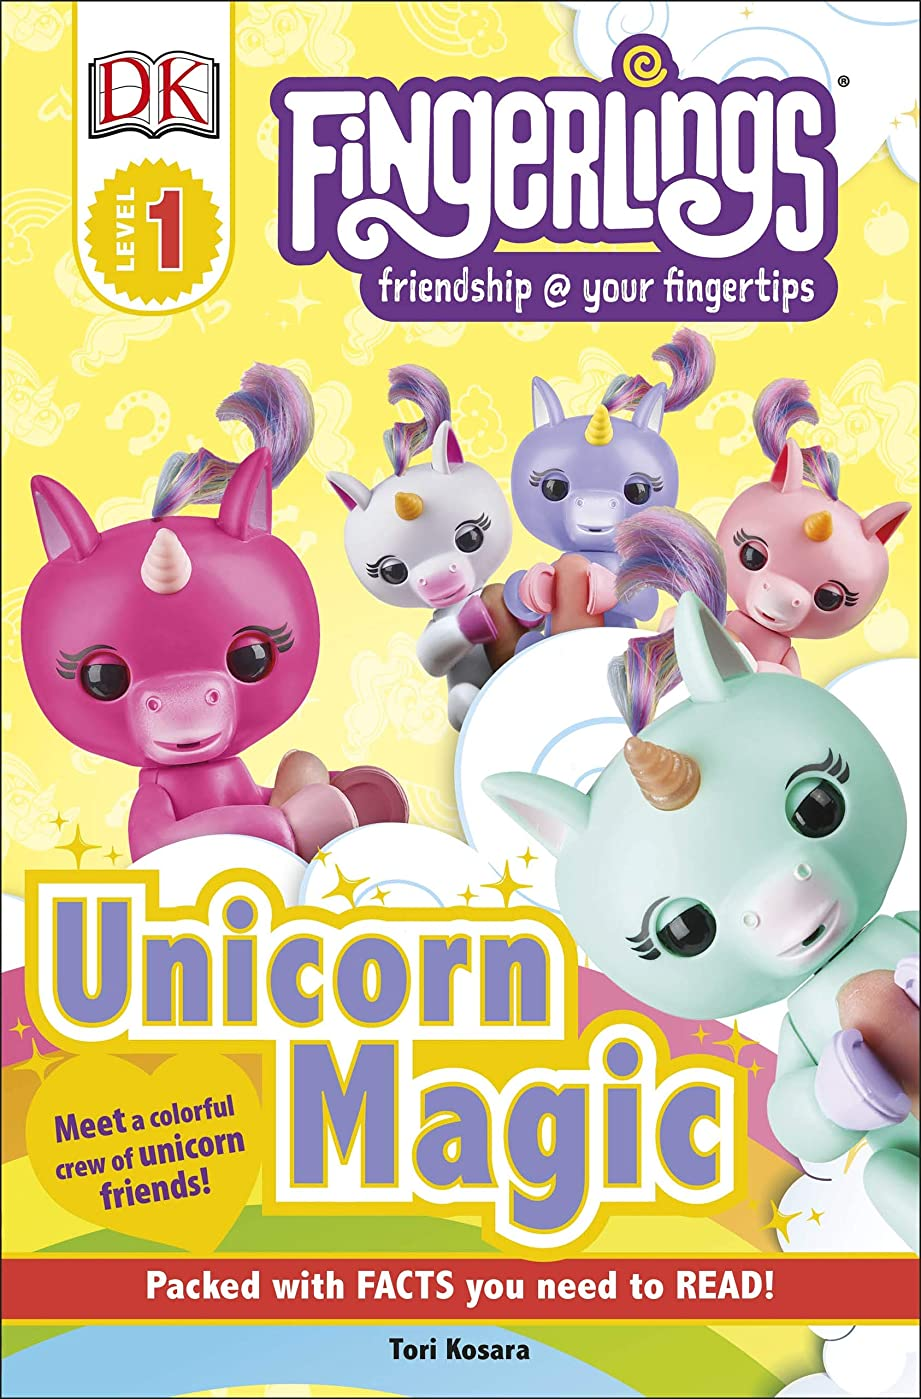 ユーモア文庫本失速Fingerlings Unicorn Magic (DK Readers, Level 1: Fingerlings: Friendship @ Your Fingertips) (English Edition)